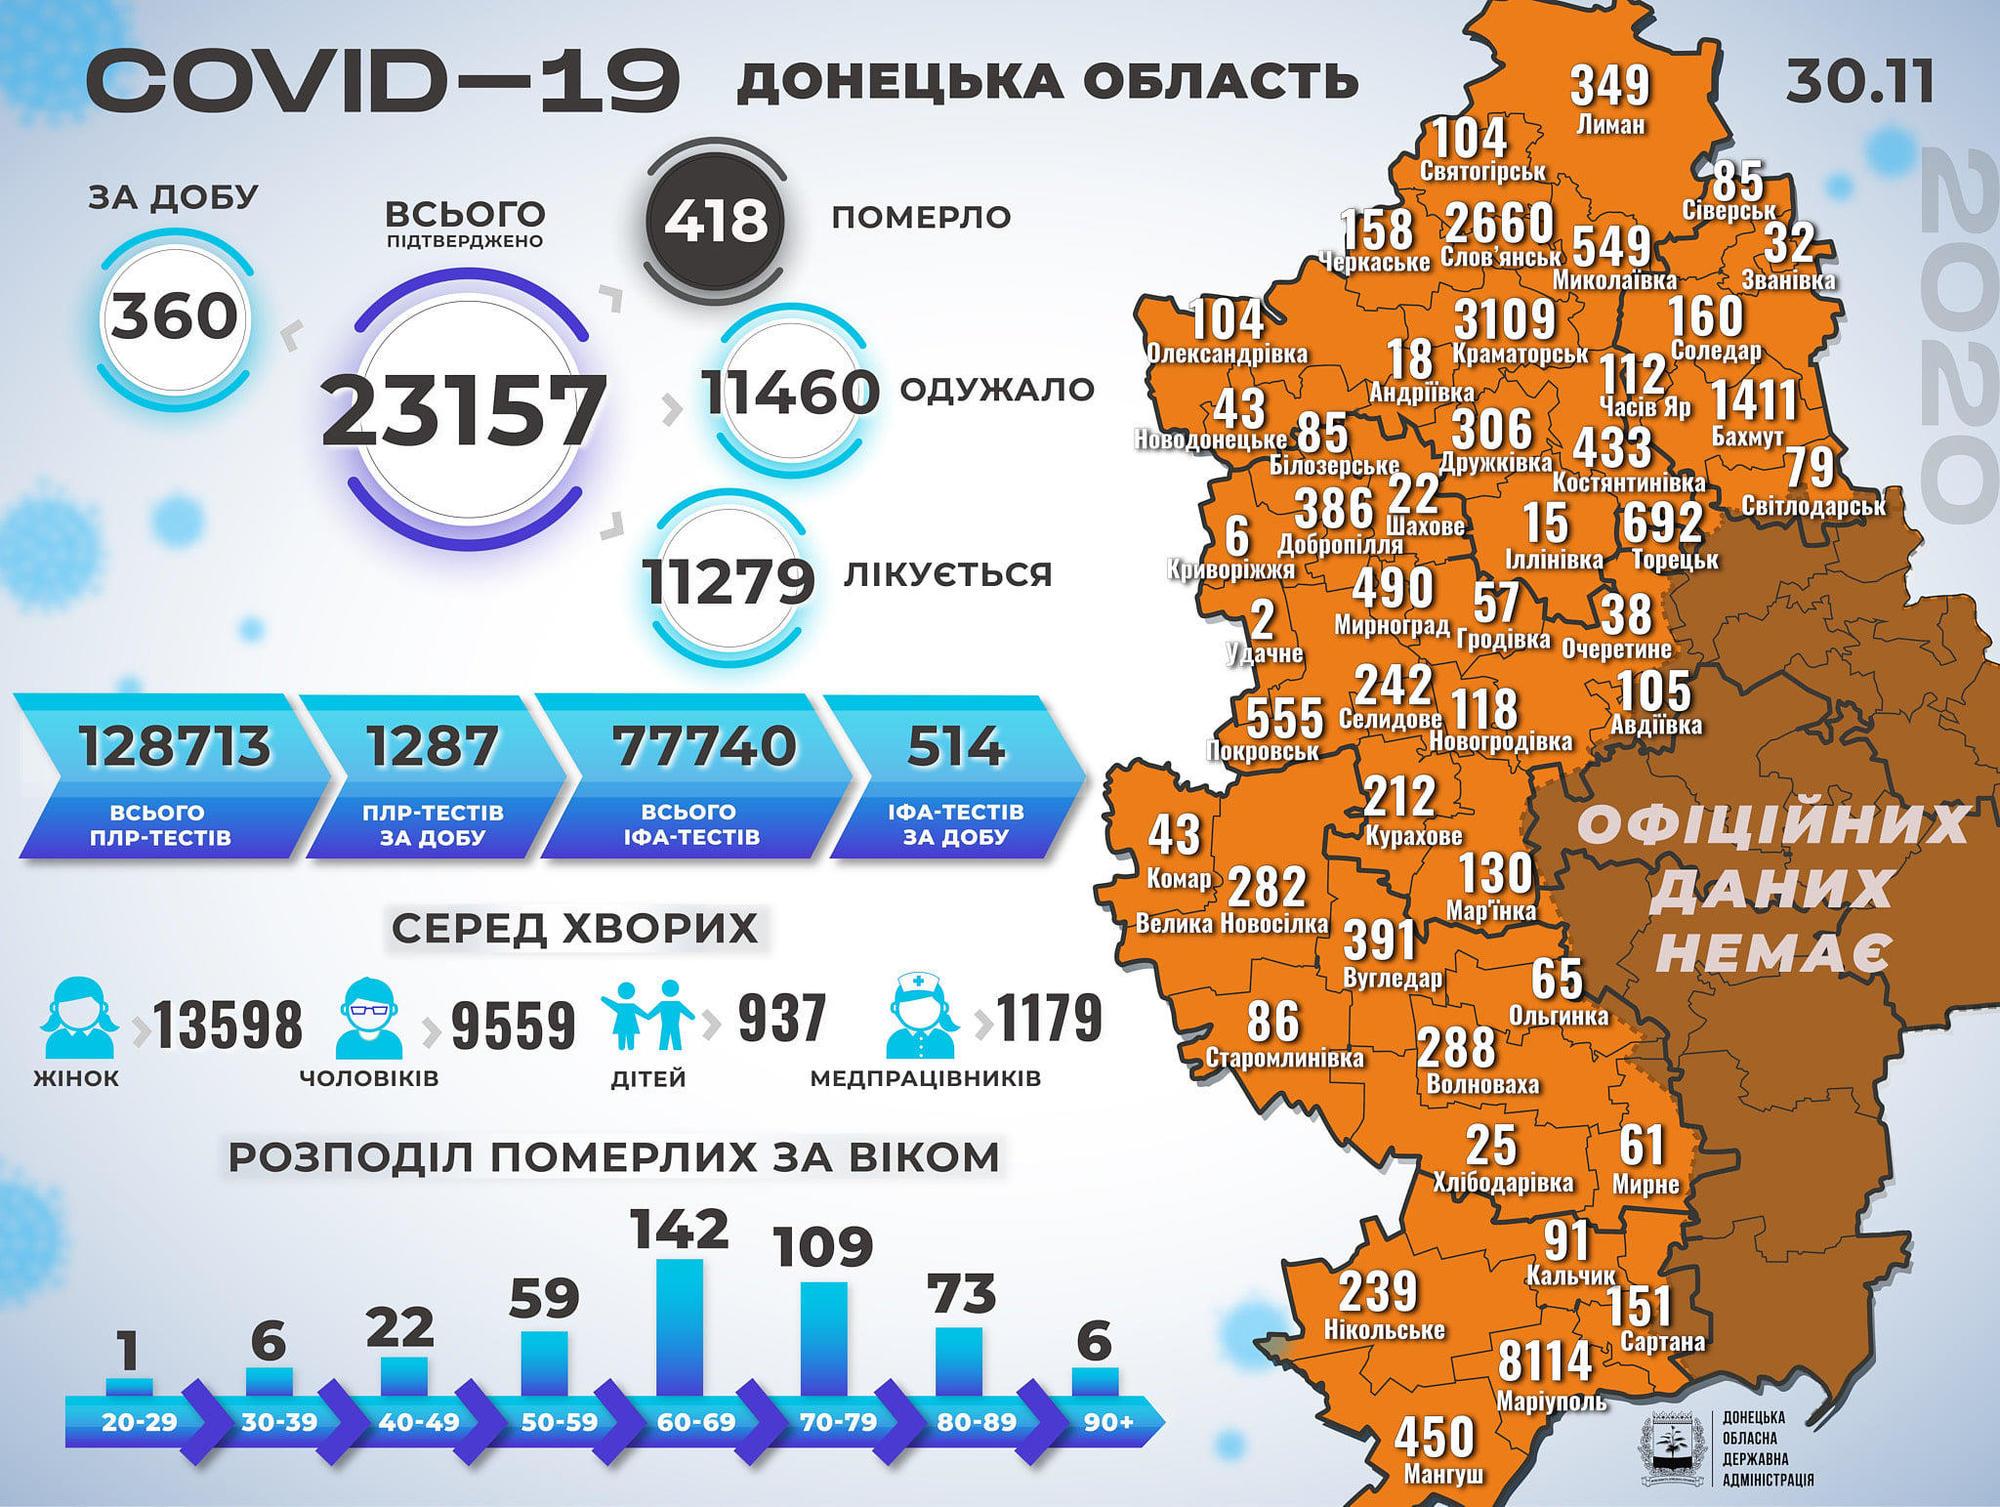 ДонОДА: Інфікувалися COVID-19 ще 12 дітей, а ще 14 пацієнтів померли